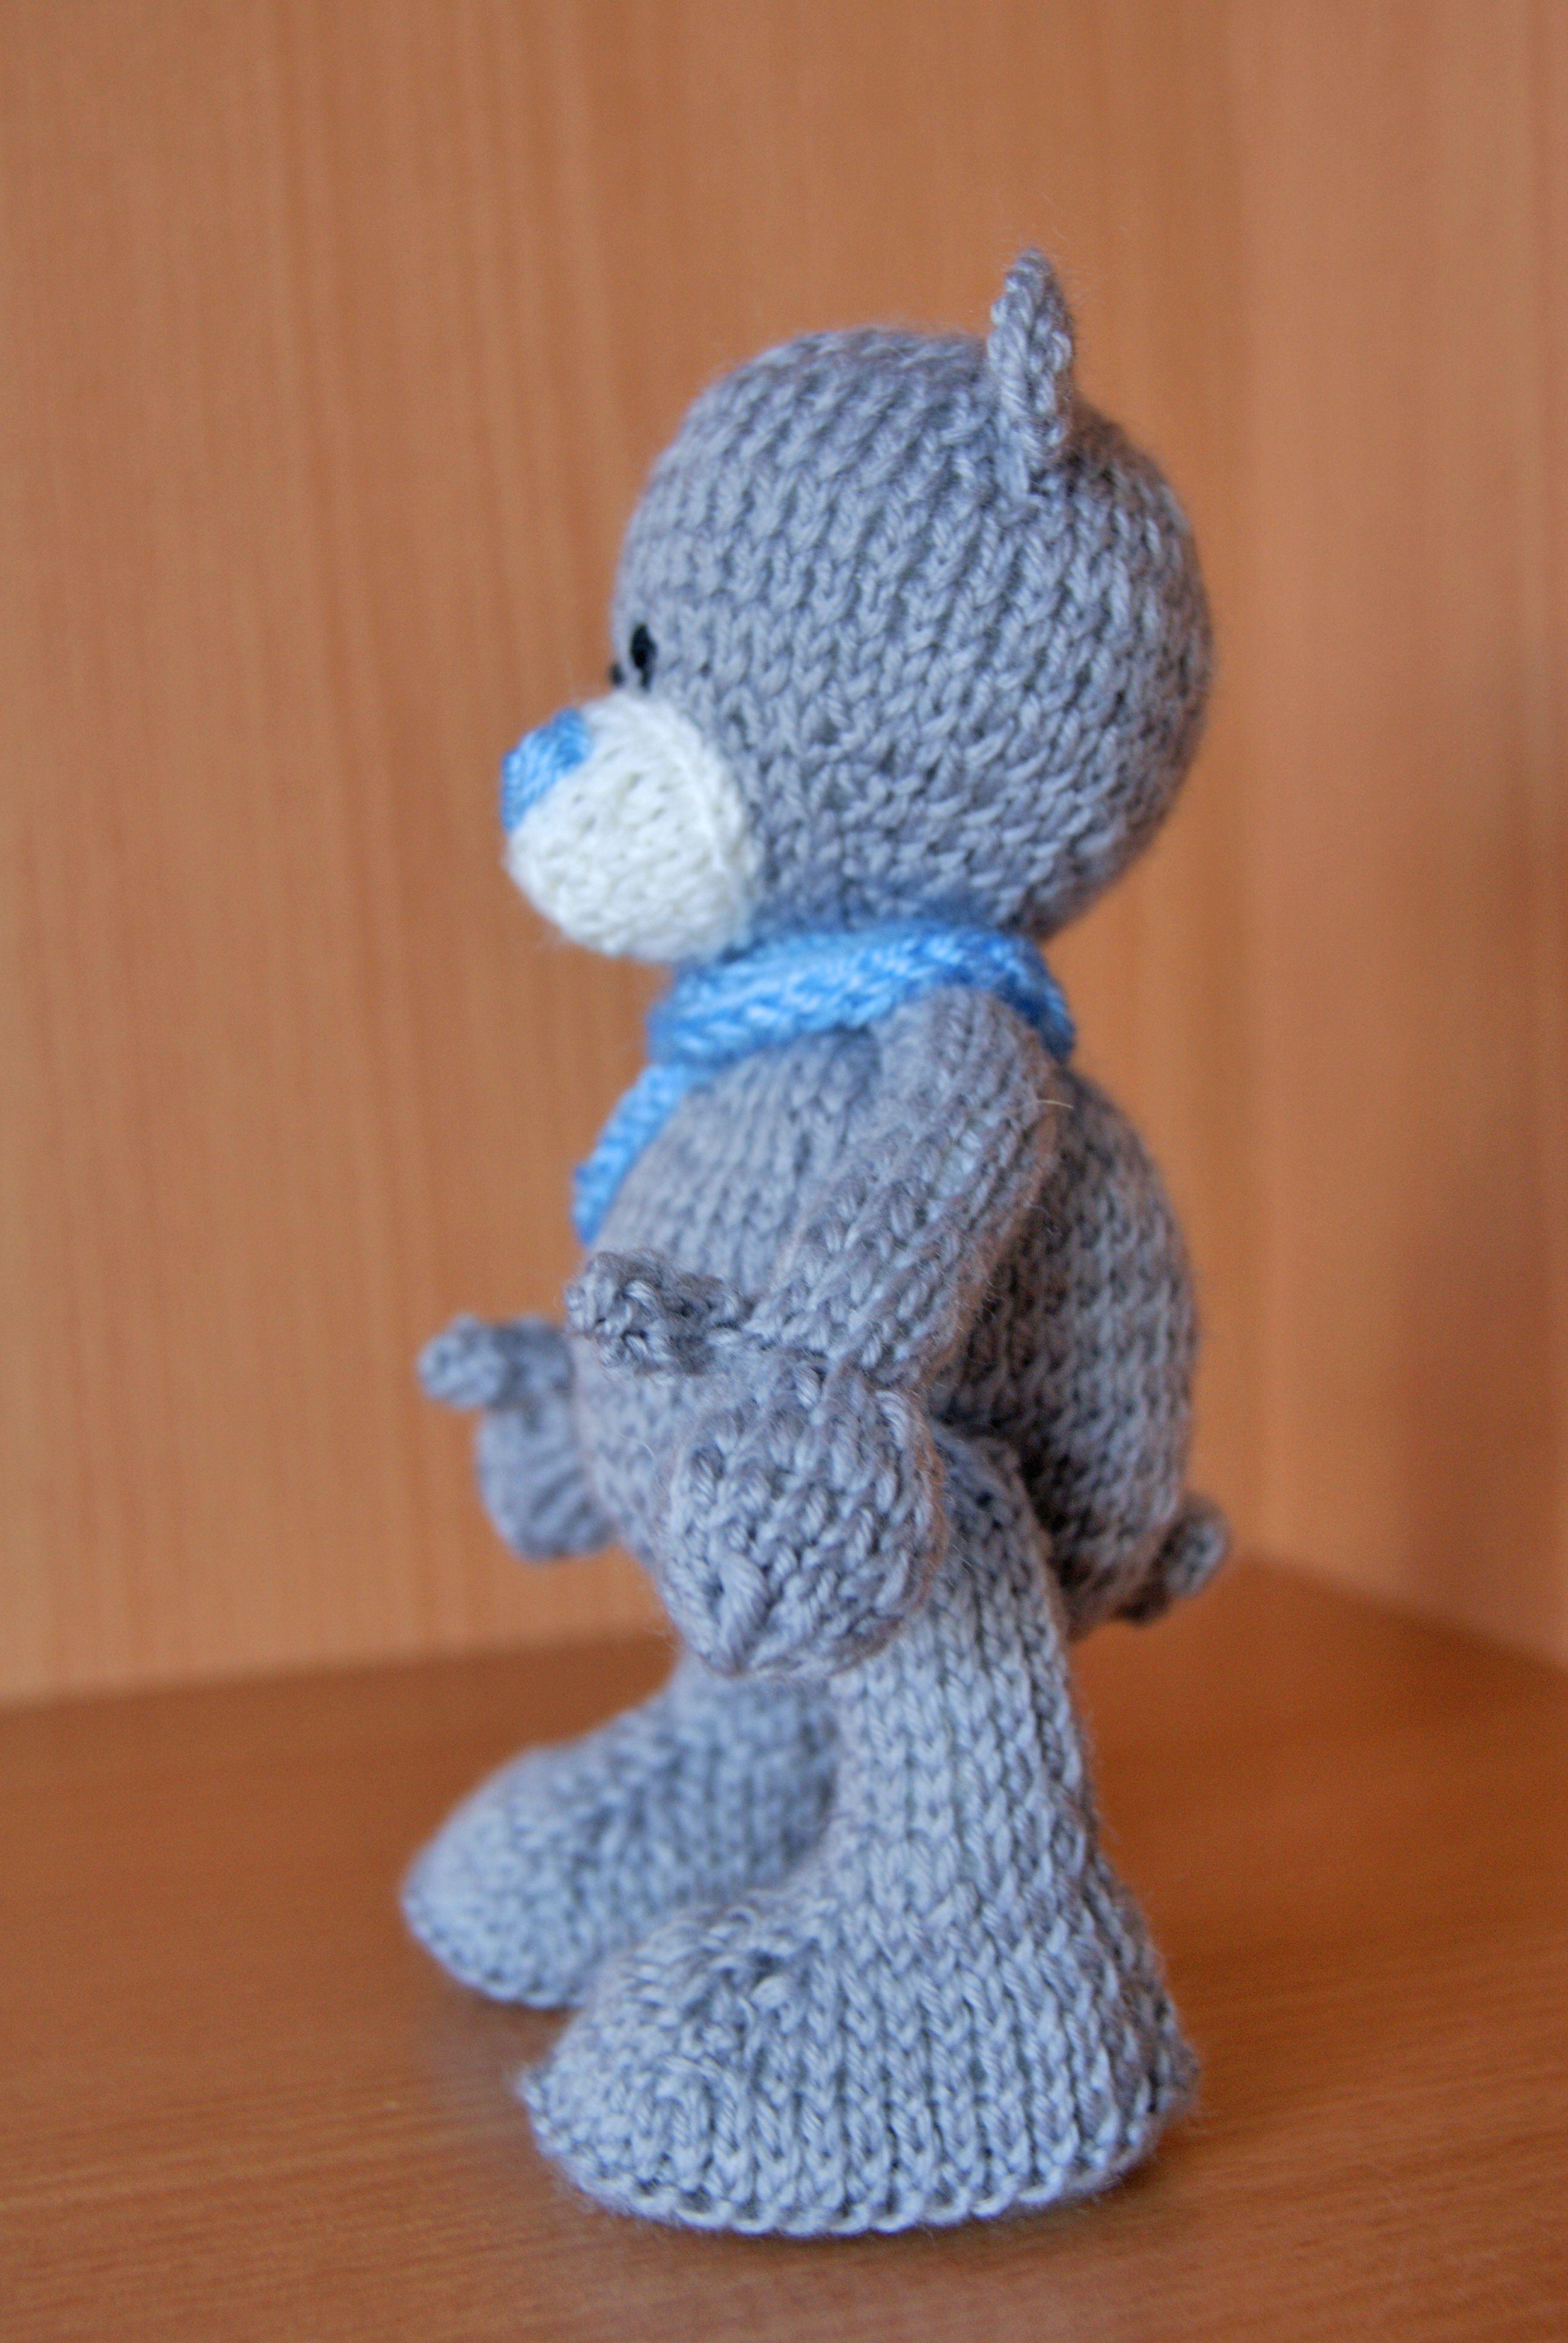 медведь мишка игрушка вязание уют интерьернаяигрушка тепло вяжуназаказ детям тедди вяжутнетолькобабушки подарок вязаниеназаказ